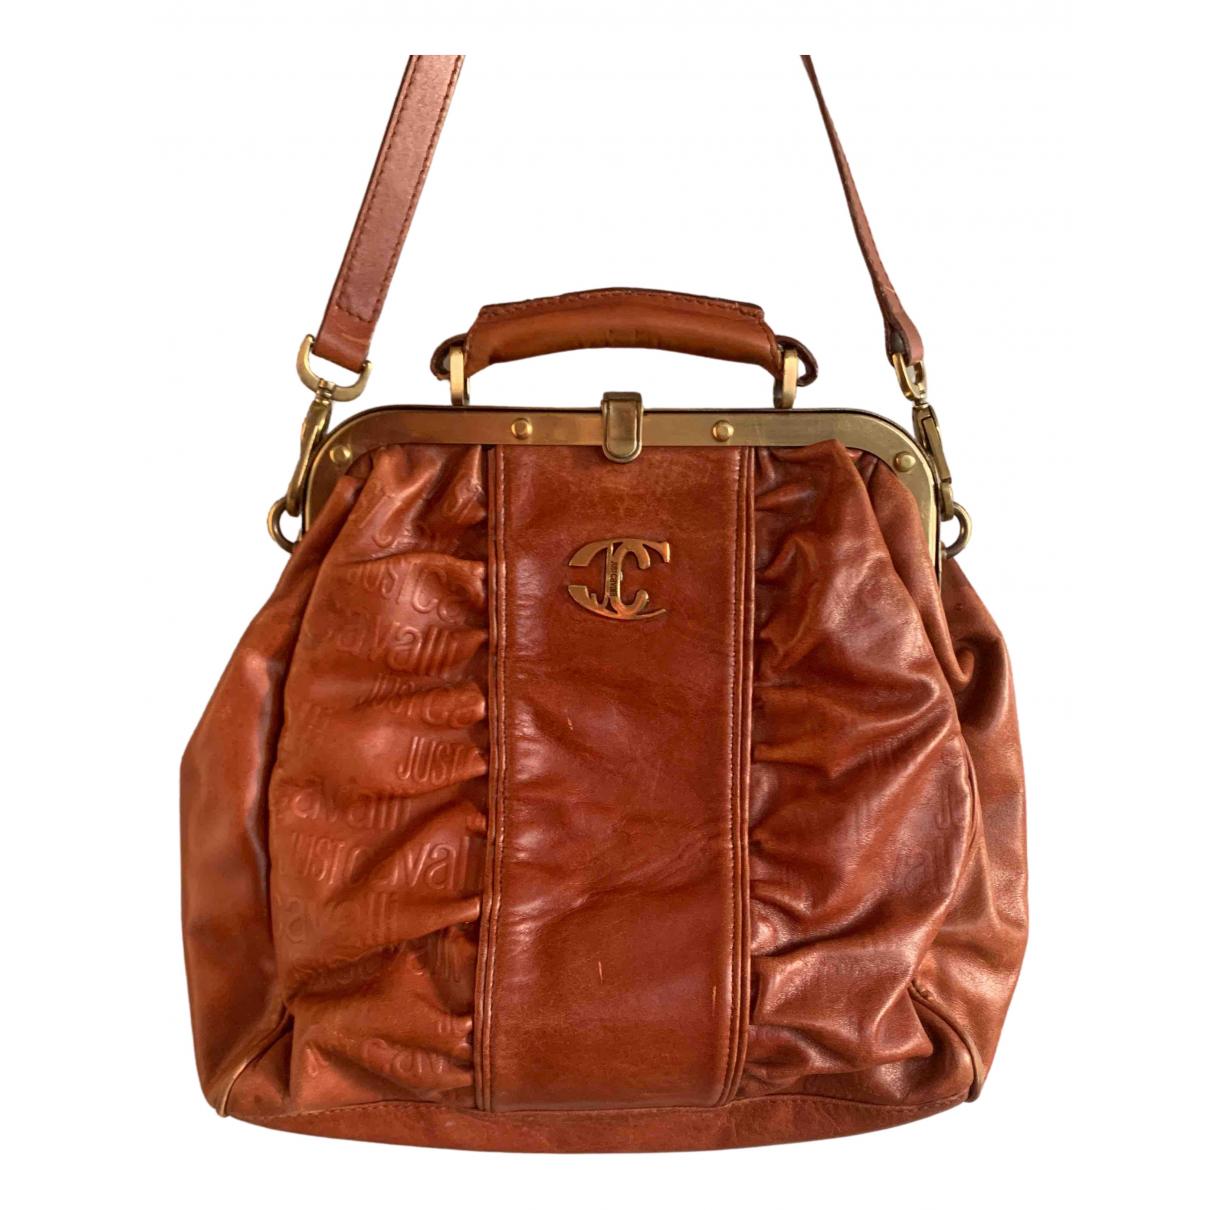 Just Cavalli \N Handtasche in  Braun Leder